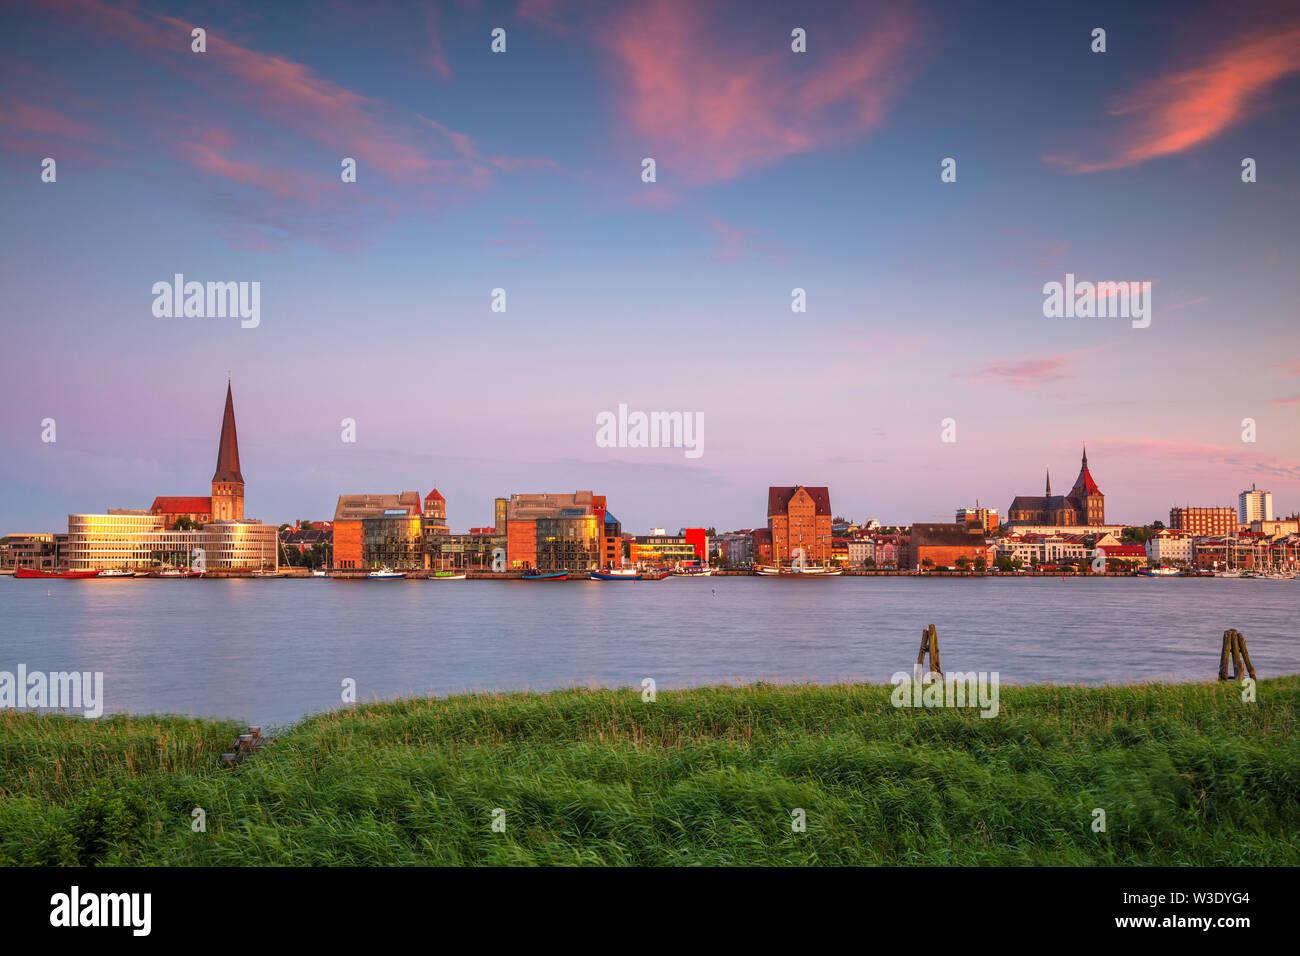 Rostock, Allemagne. Image cityscape du bord de la rivière Rostock avec l'église Saint-Pierre au coucher du soleil de l'été. Banque D'Images